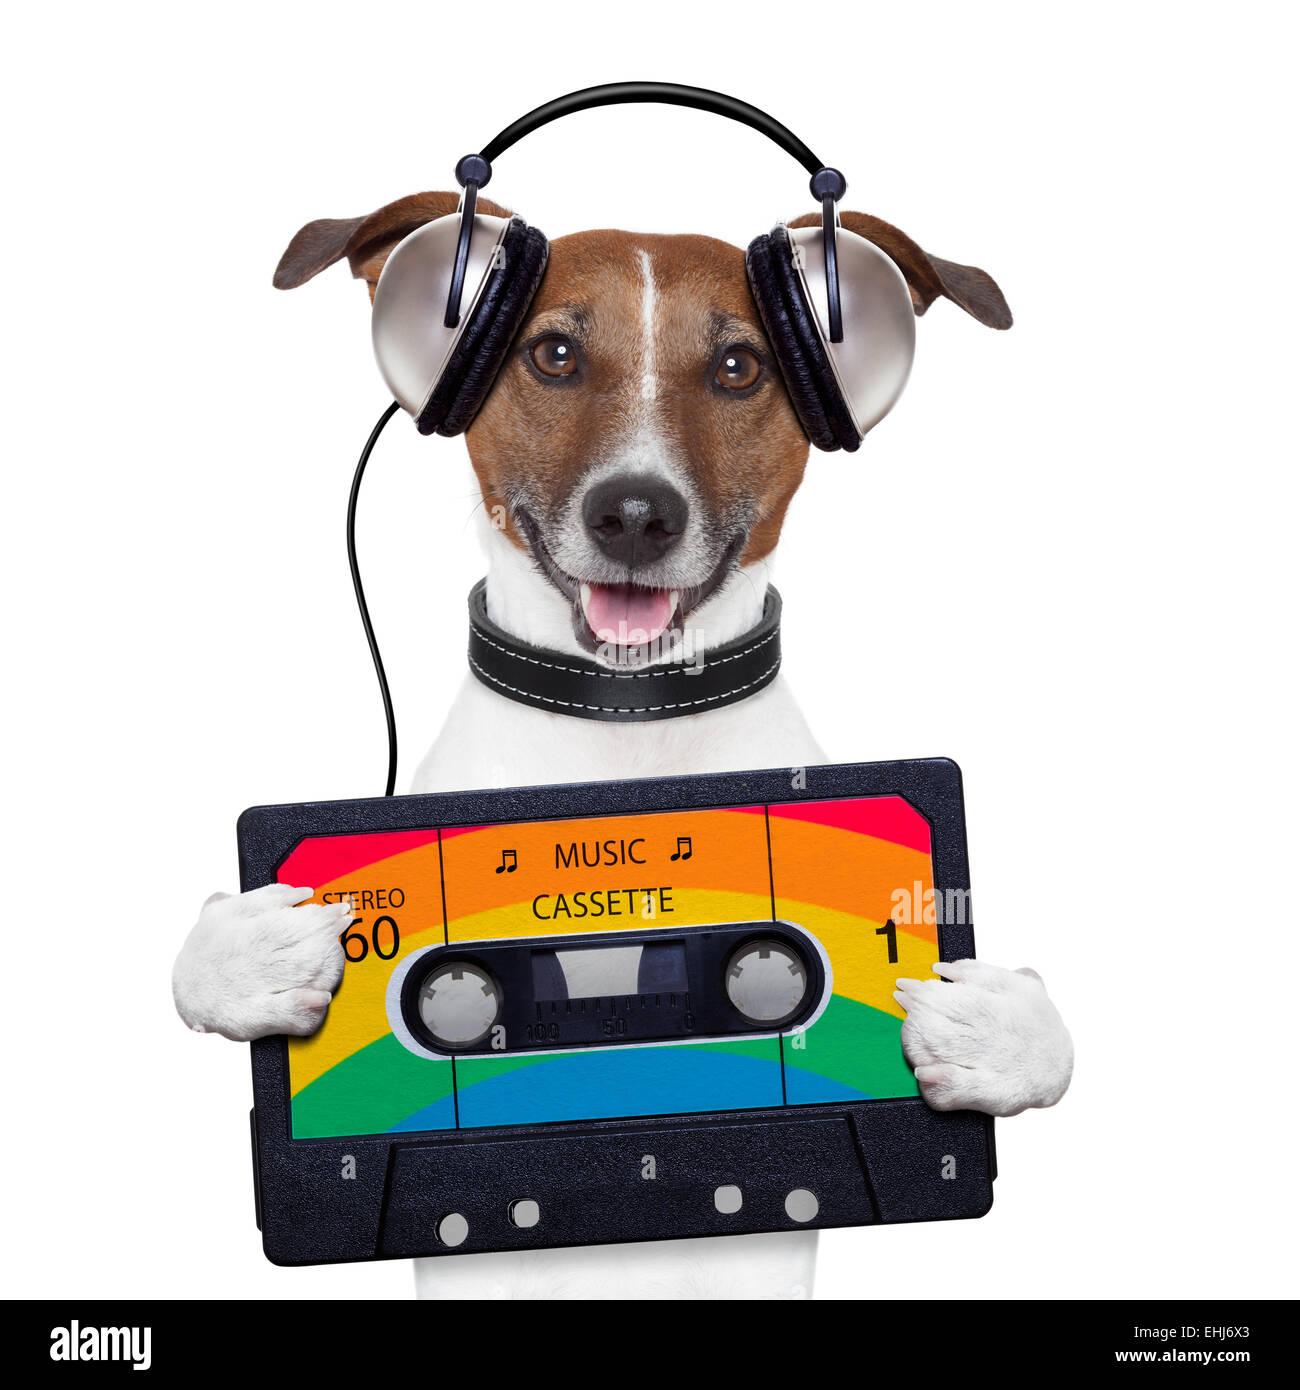 music cassette tape headphone dog - Stock Image